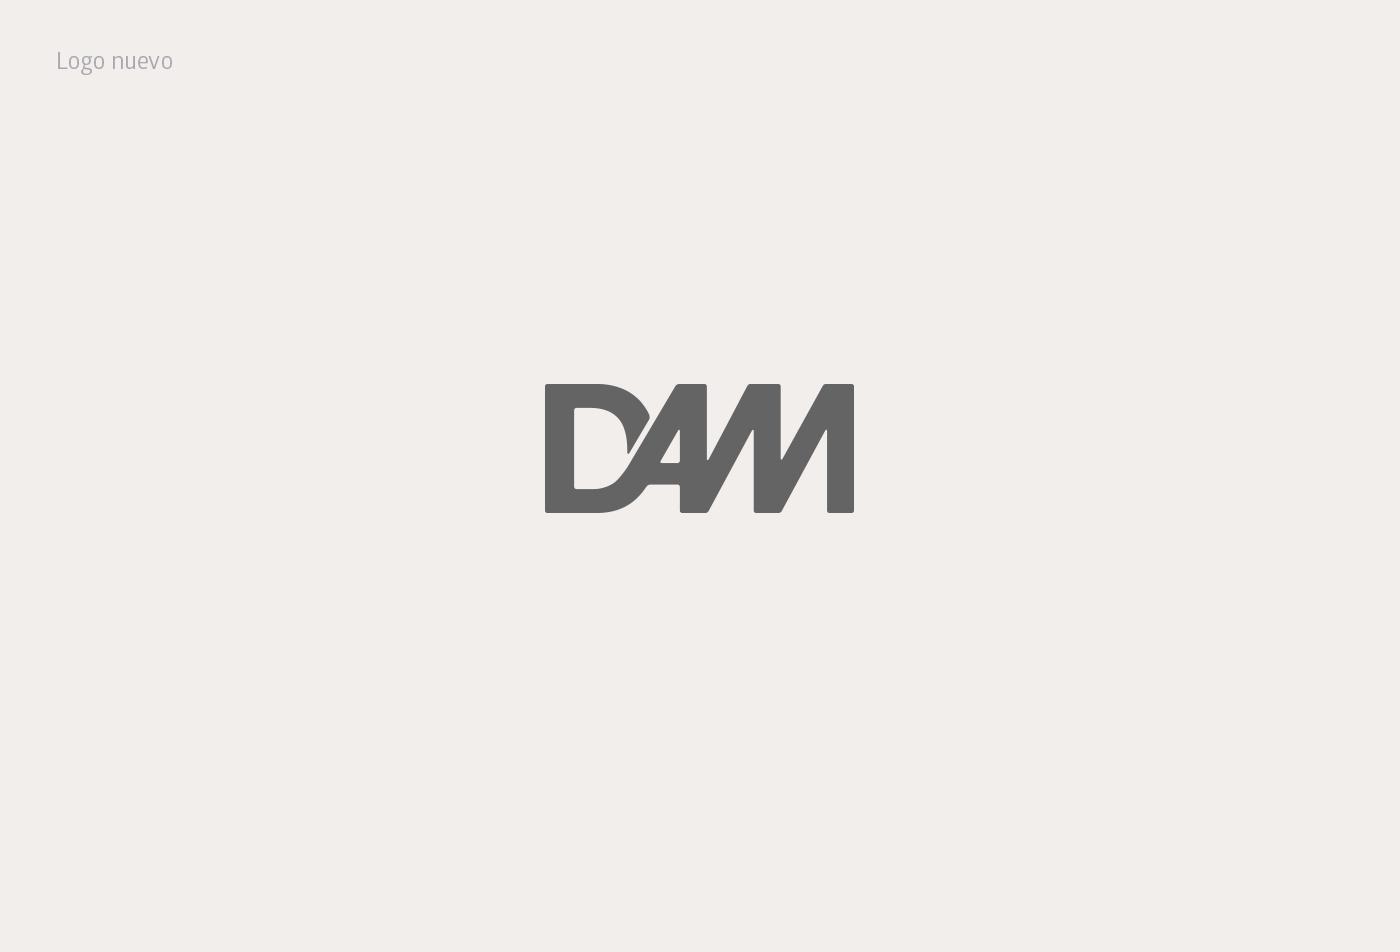 pixelarte-diseno-grafico-logo-Dam_Depuracion_Aguas_Mediterraneo